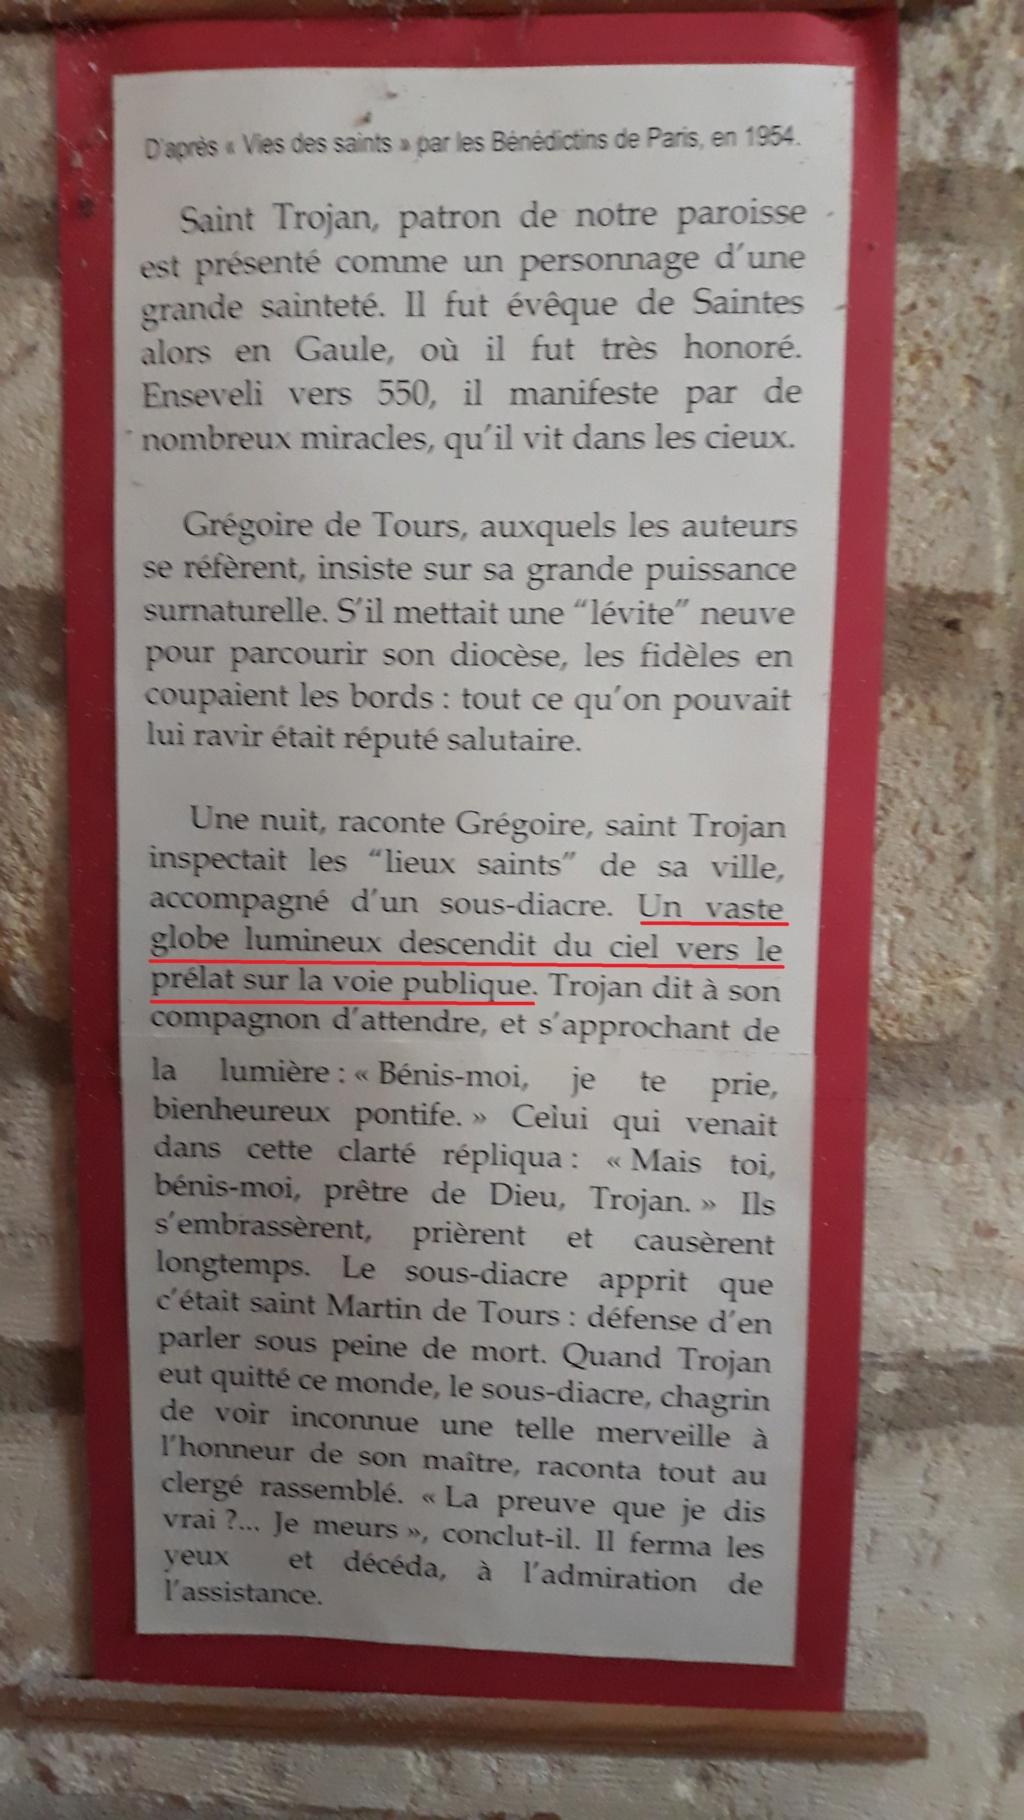 Le phénomène ovni et la foi chretienne - Page 4 20200810